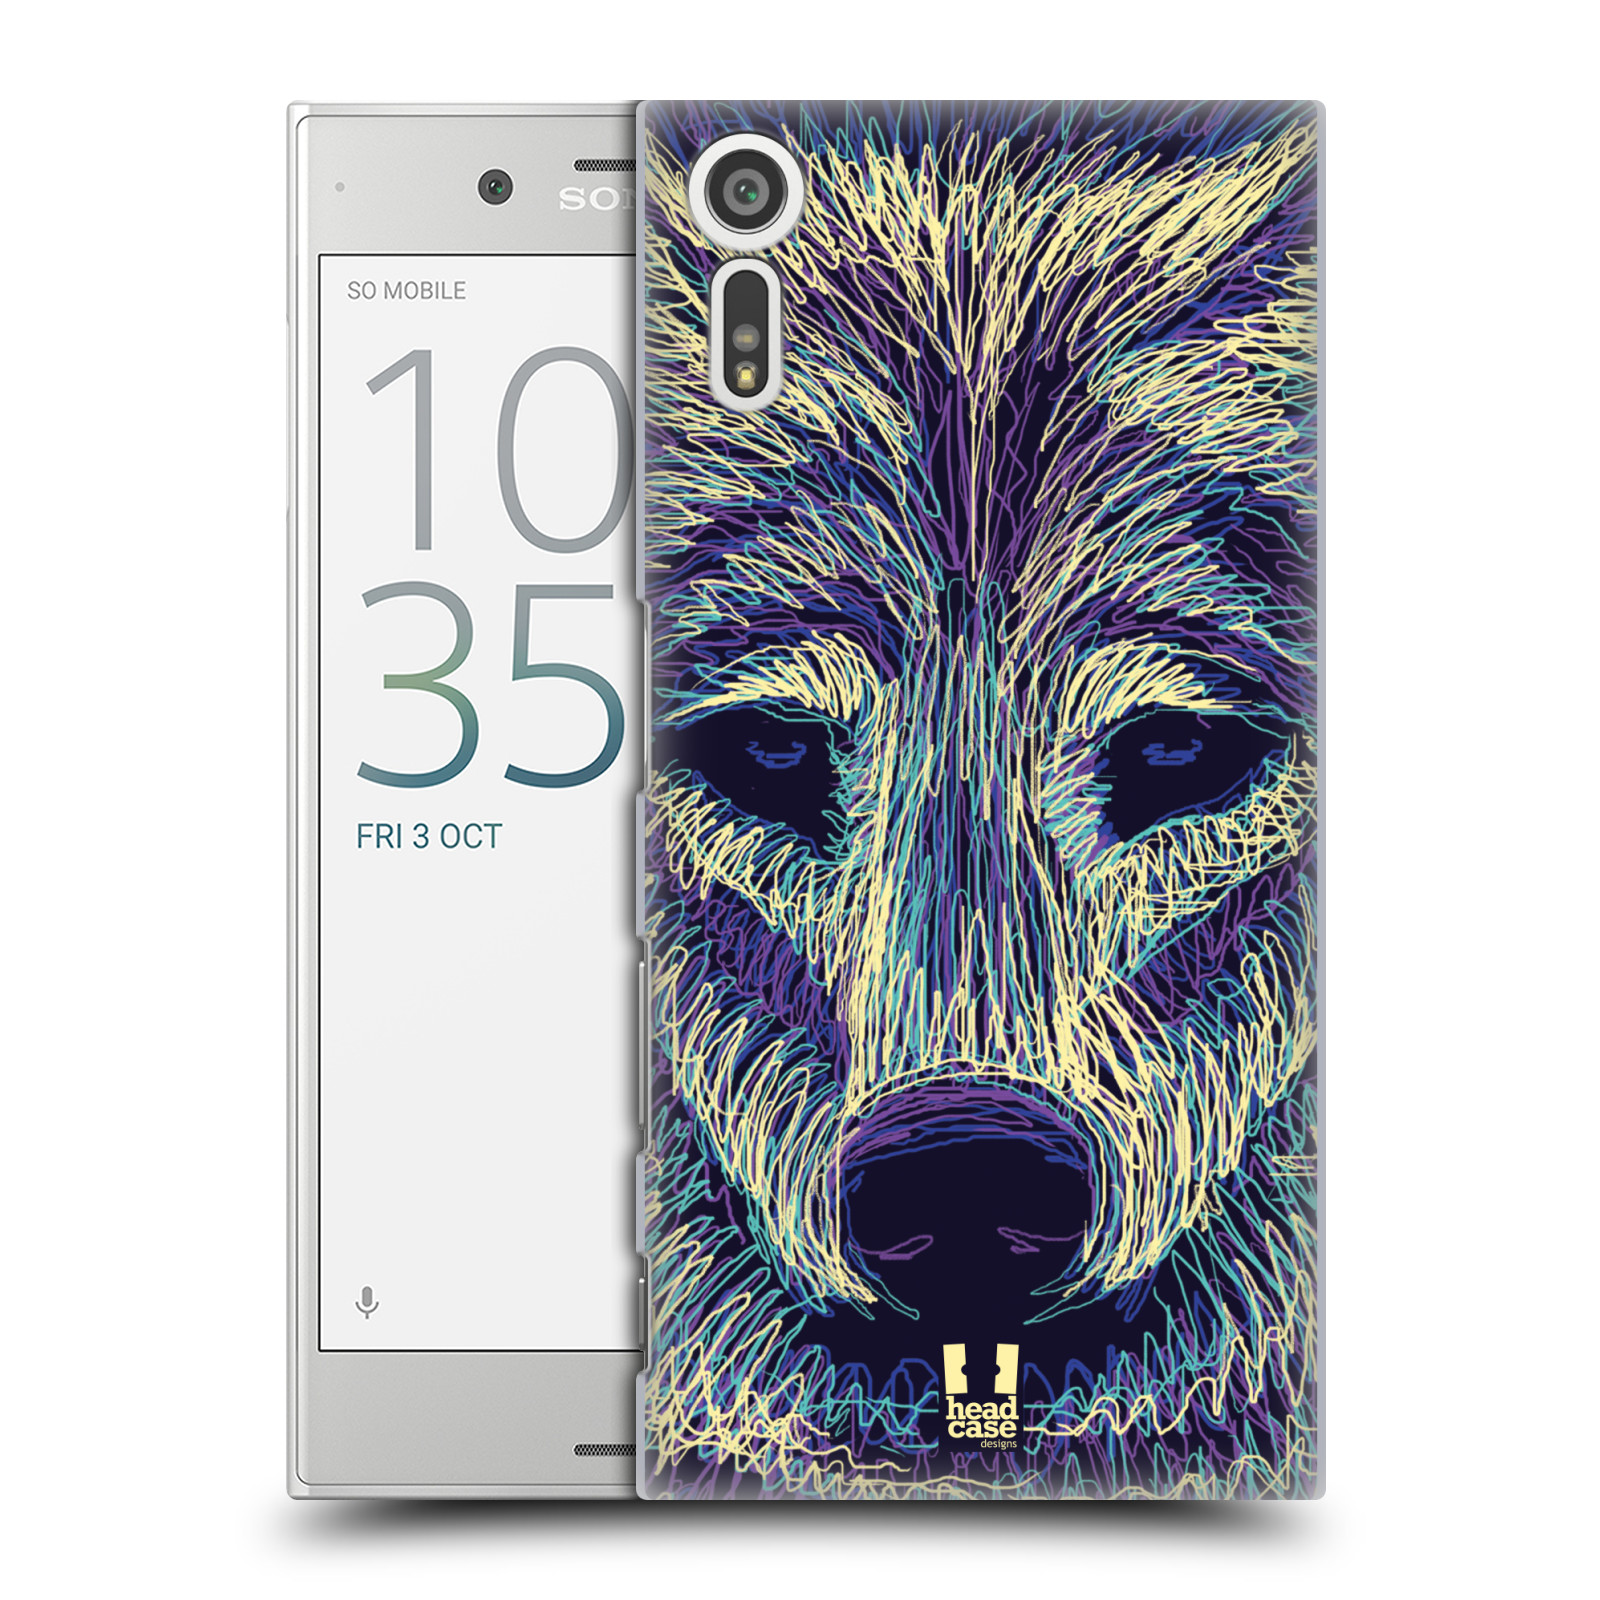 HEAD CASE plastový obal na mobil Sony Xperia XZ vzor zvíře čmáranice vlk